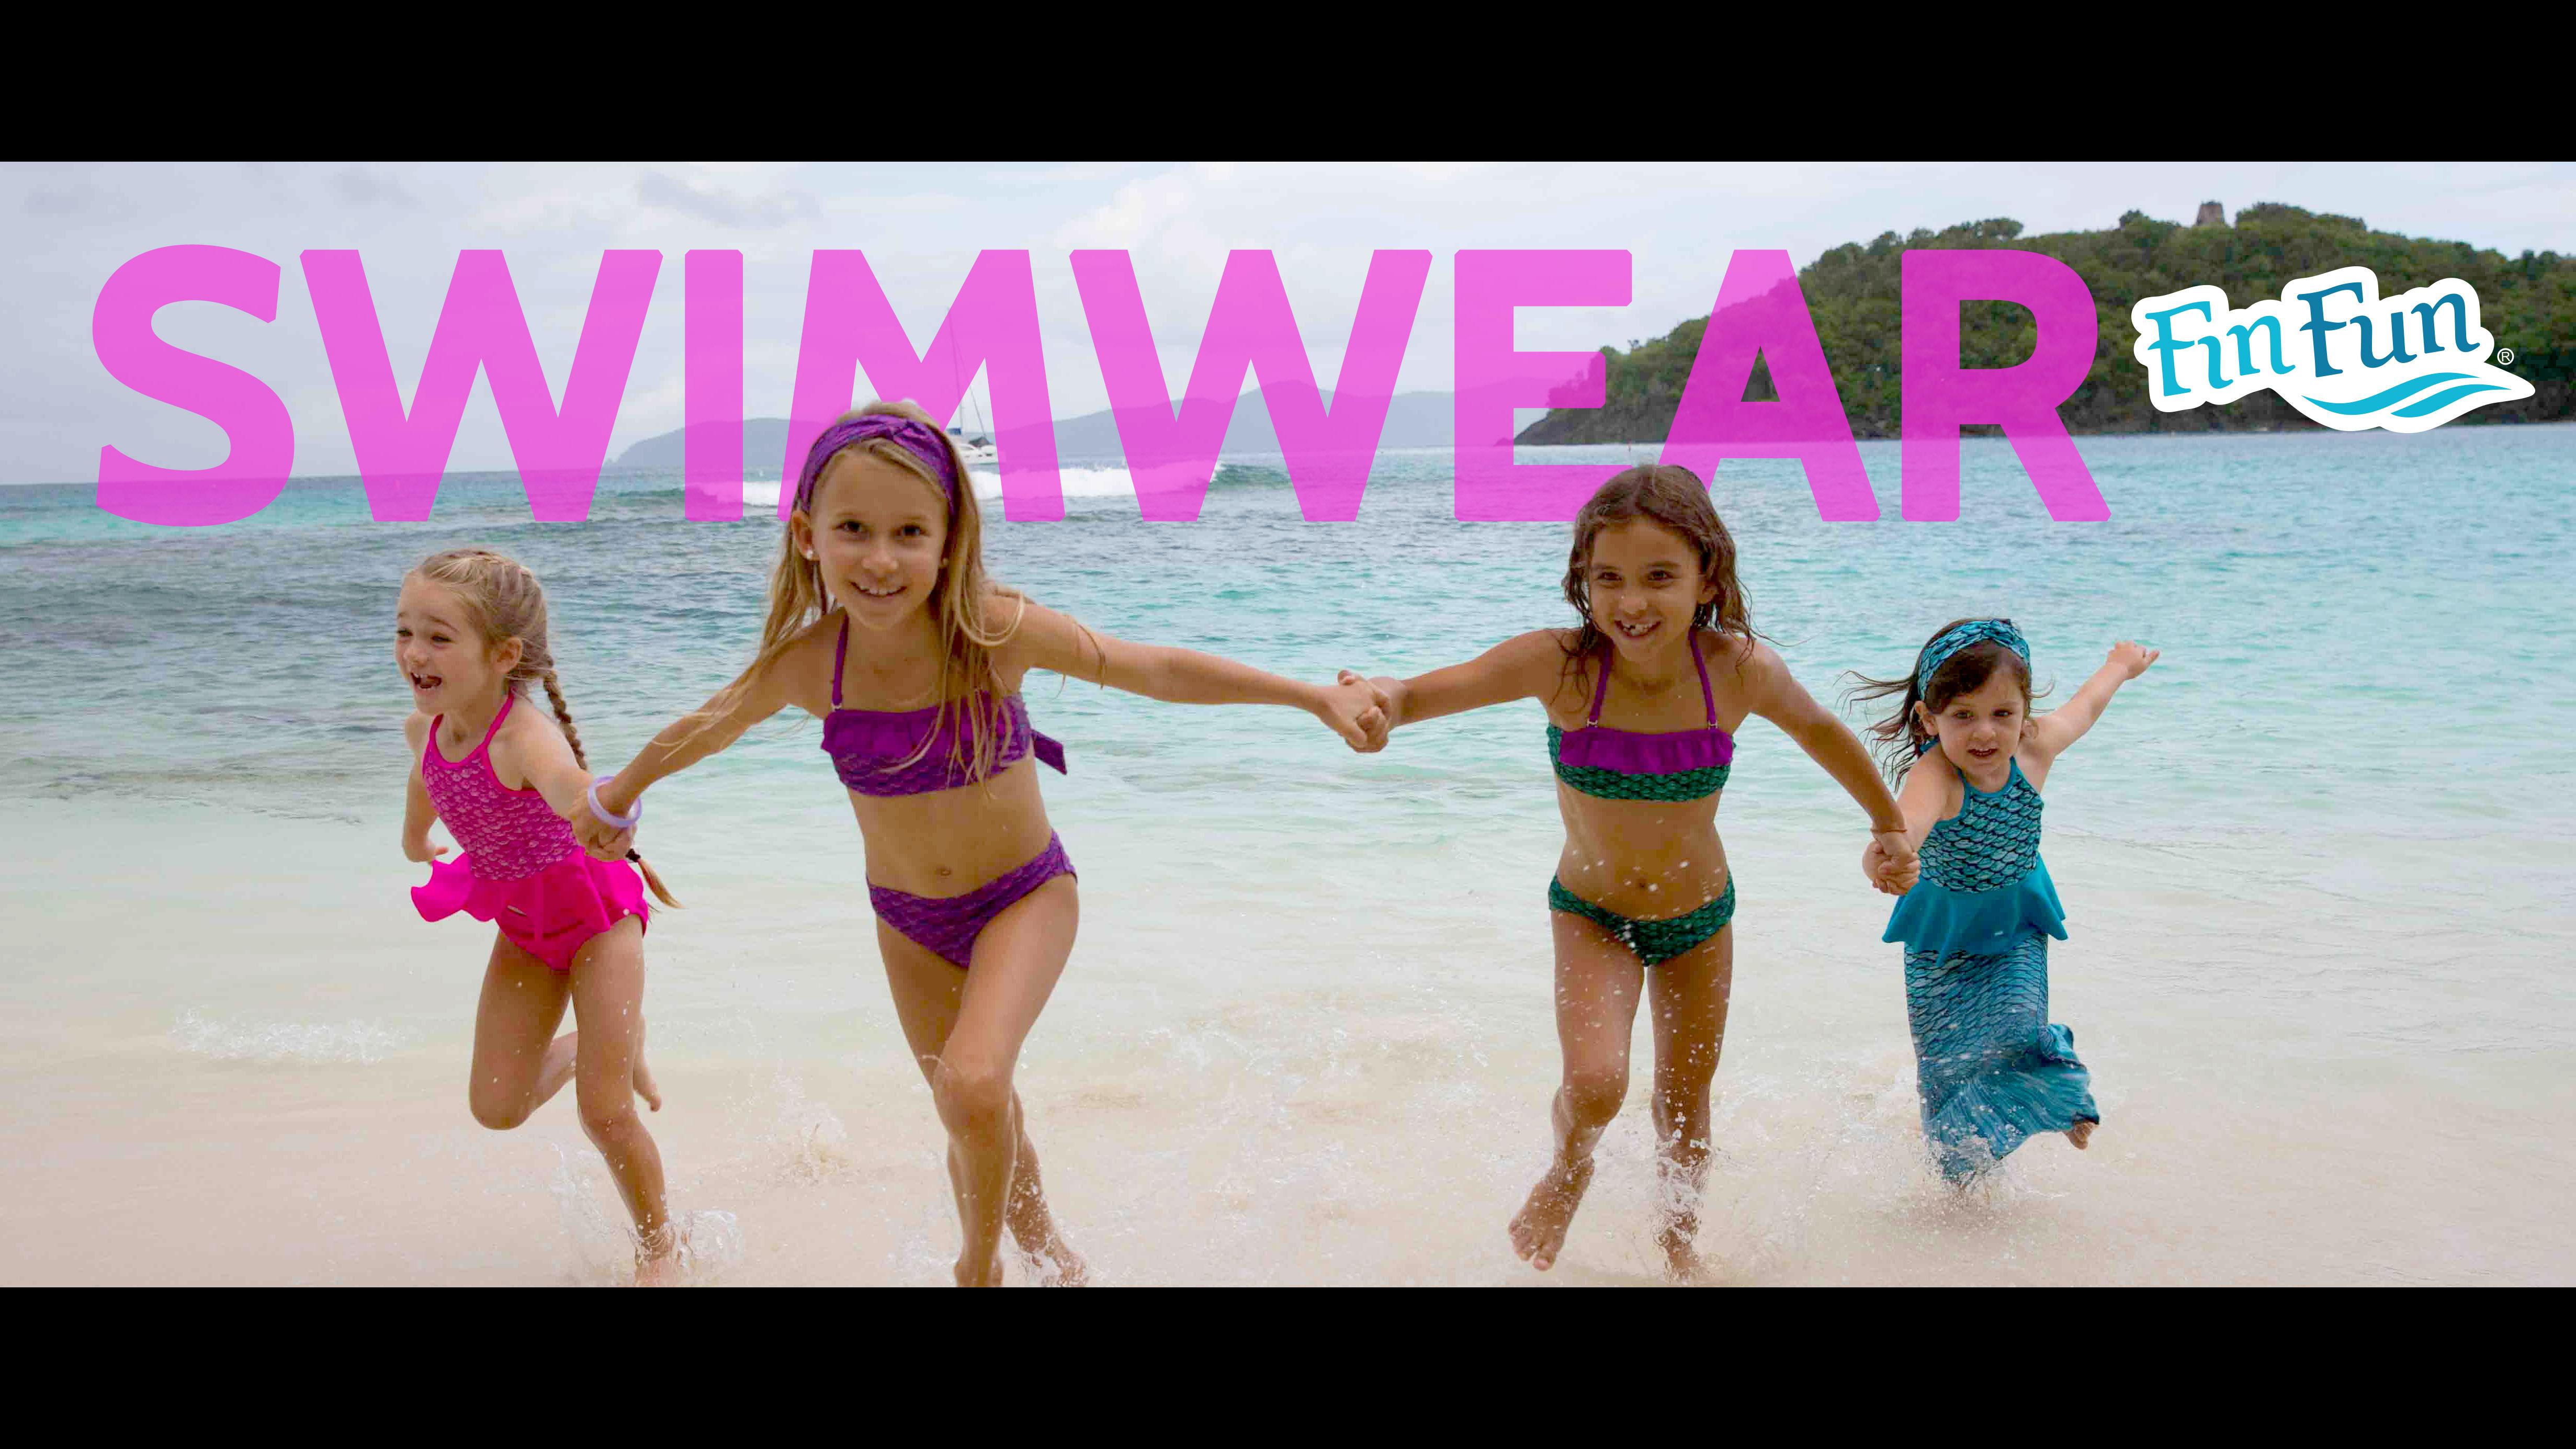 8e46fdb16e74a Mermaid Swimwear - Scale Bikini & Tankini sets from Fin Fun ...